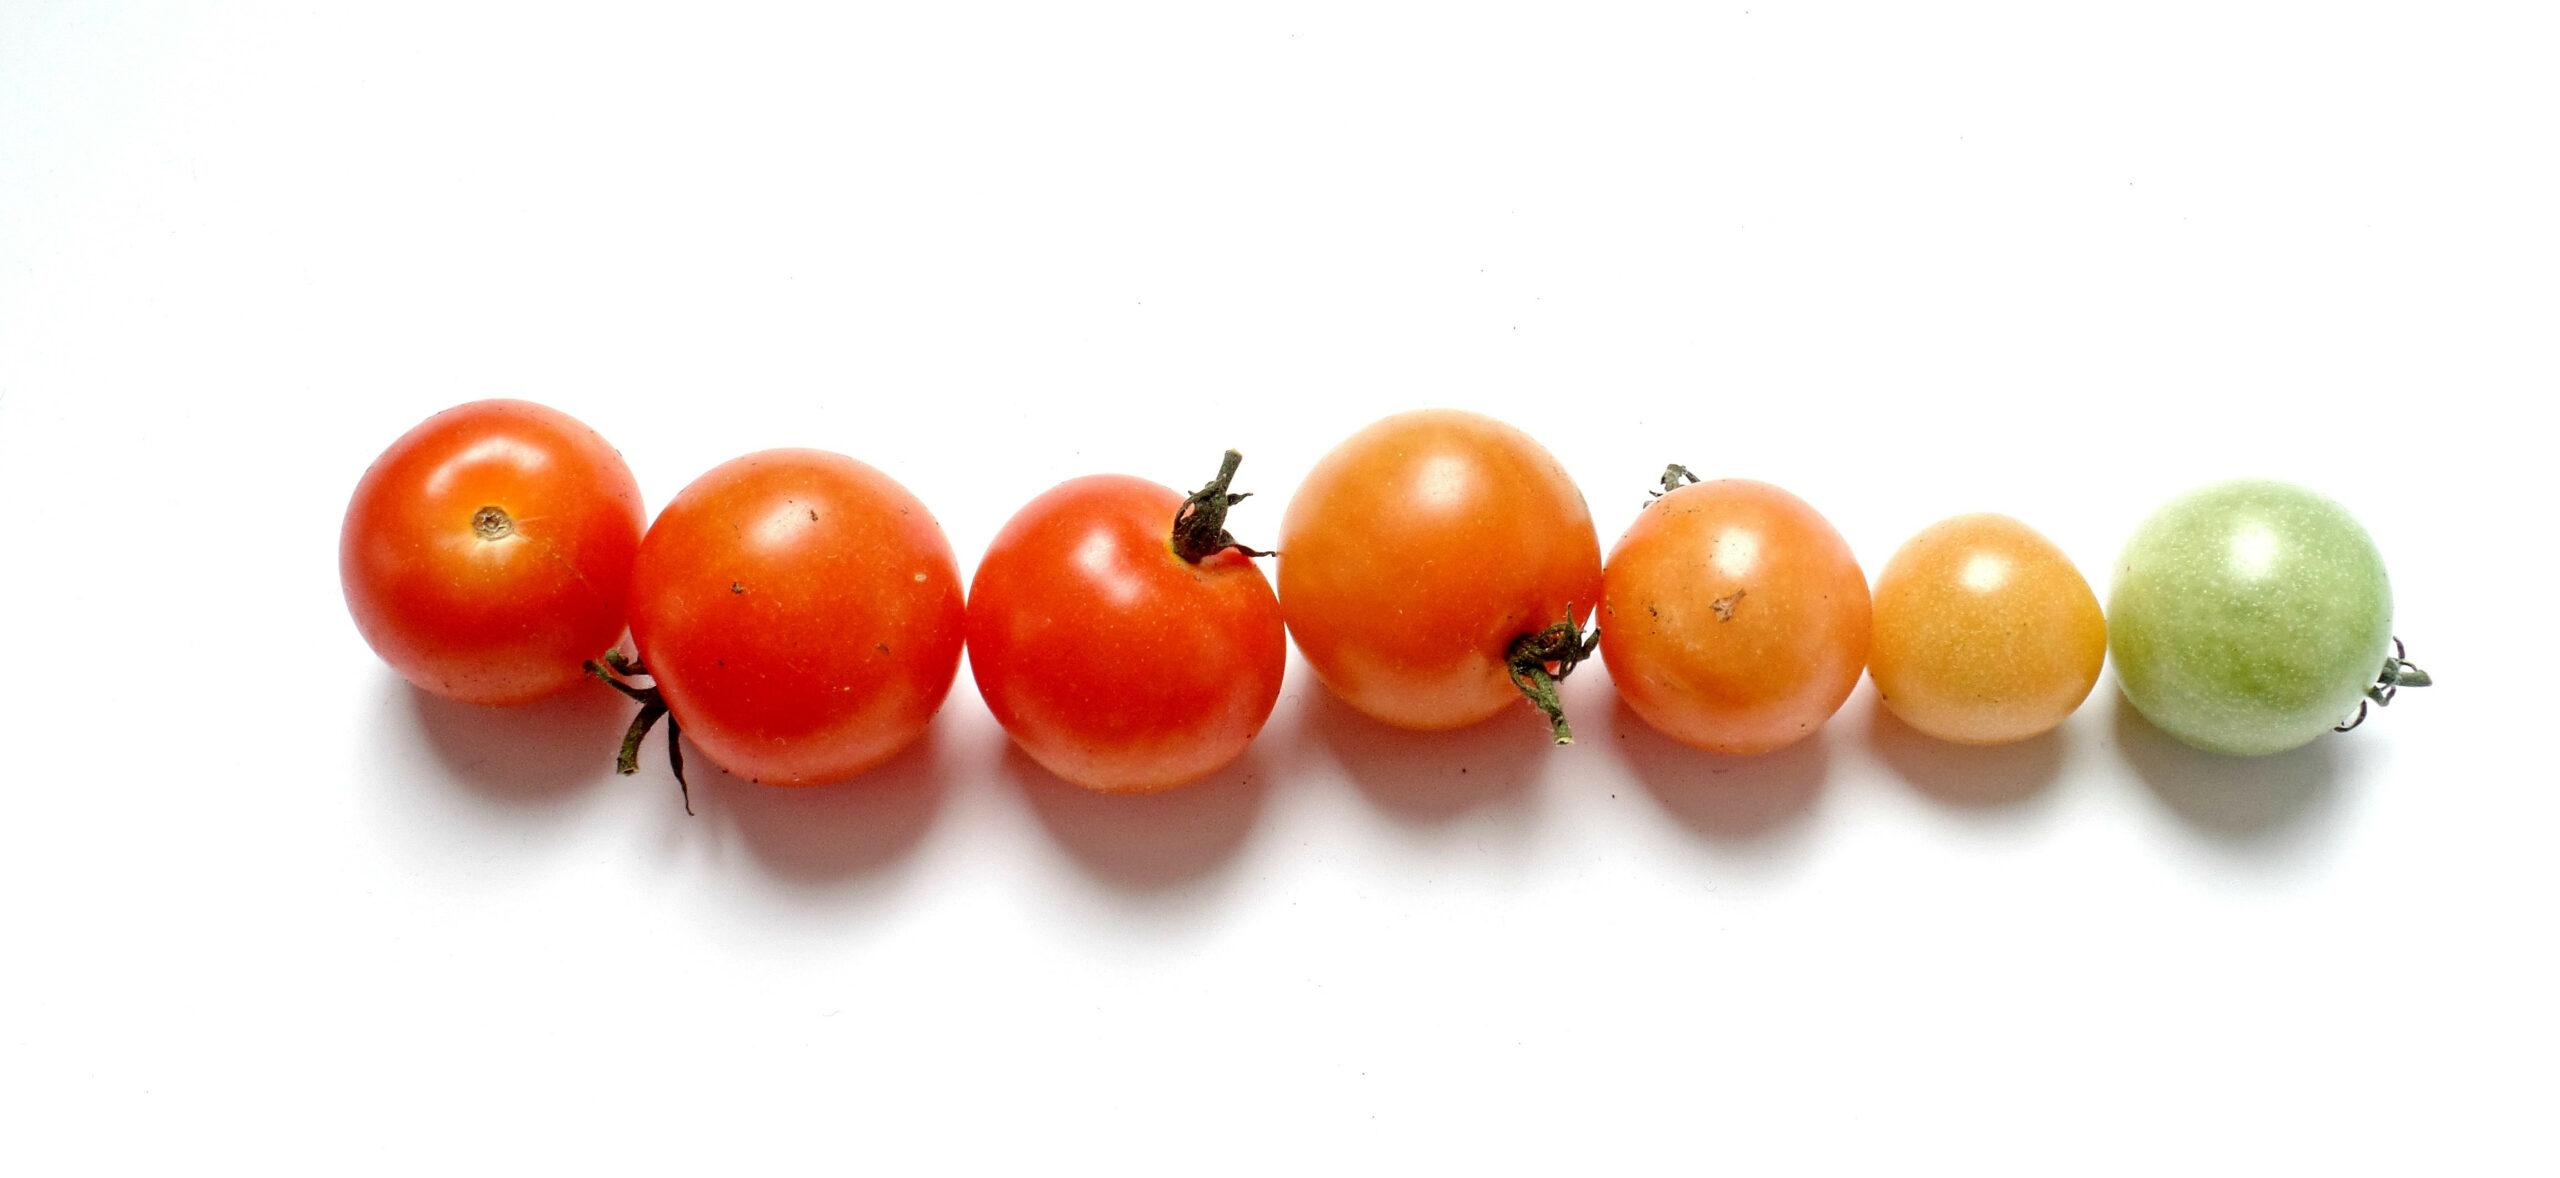 Giornata mondiale dieta mediterranea